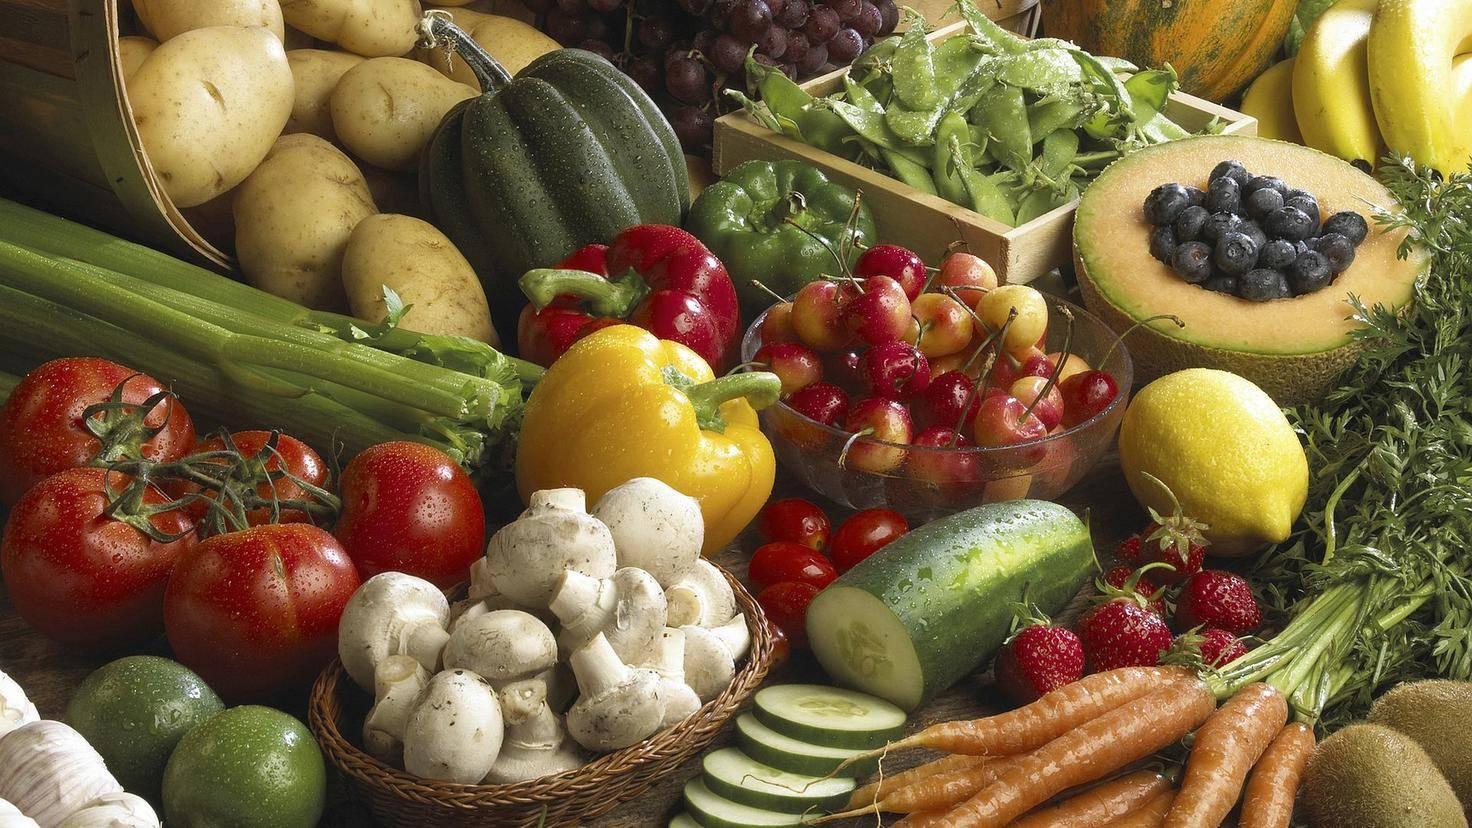 Gemüse sollte ganz oben auf der Einkaufsliste stehen.